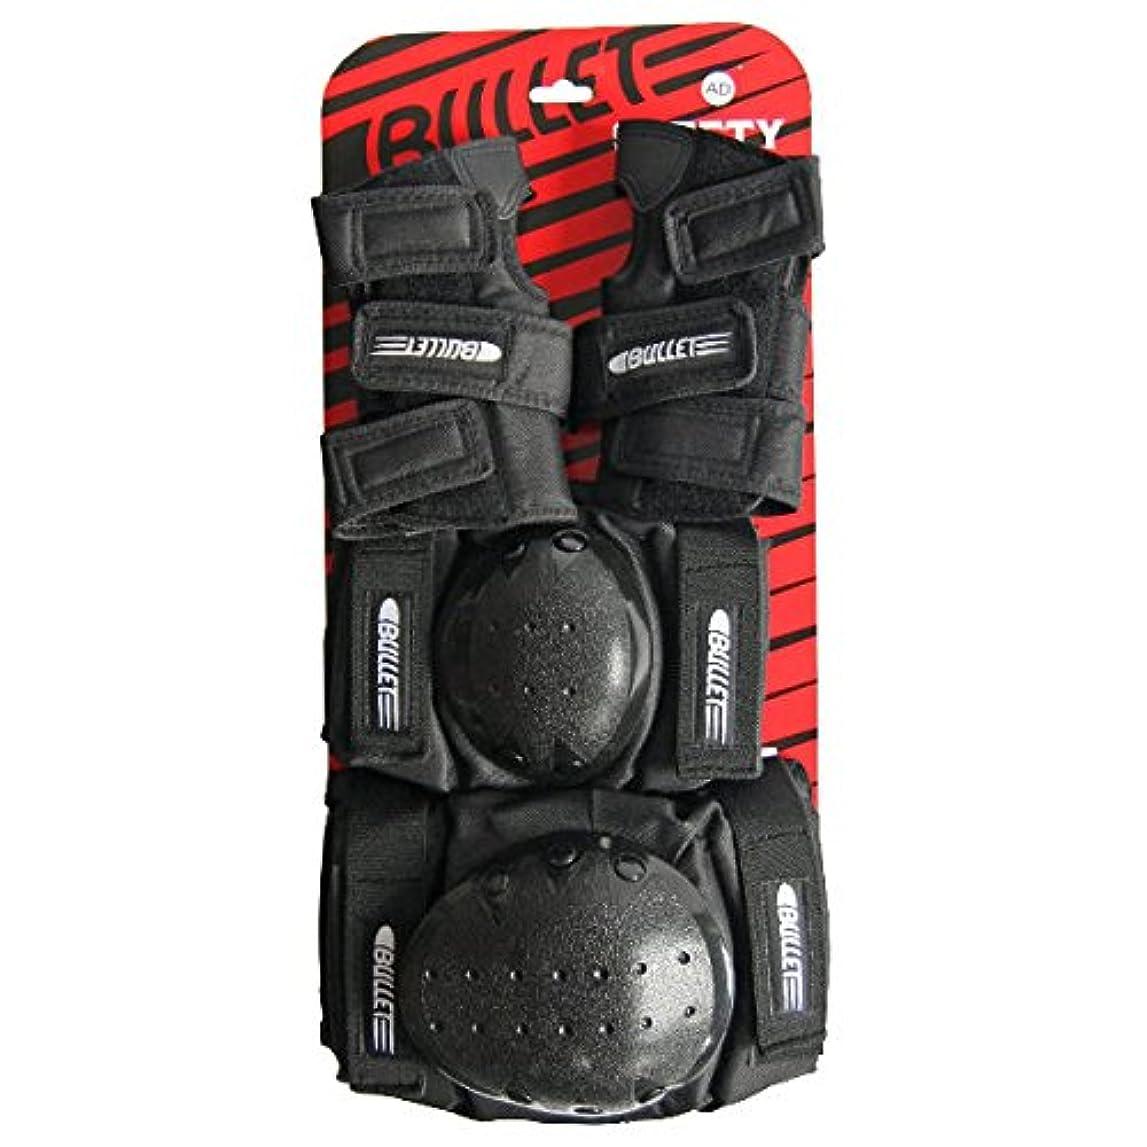 時々顕著市場Andux Space ロンスケ/サーフスケートボード/パワースライド用 スケートボードグローブ スライドグローブ ダウンヒルロングボード 怪我防止 HBST-07